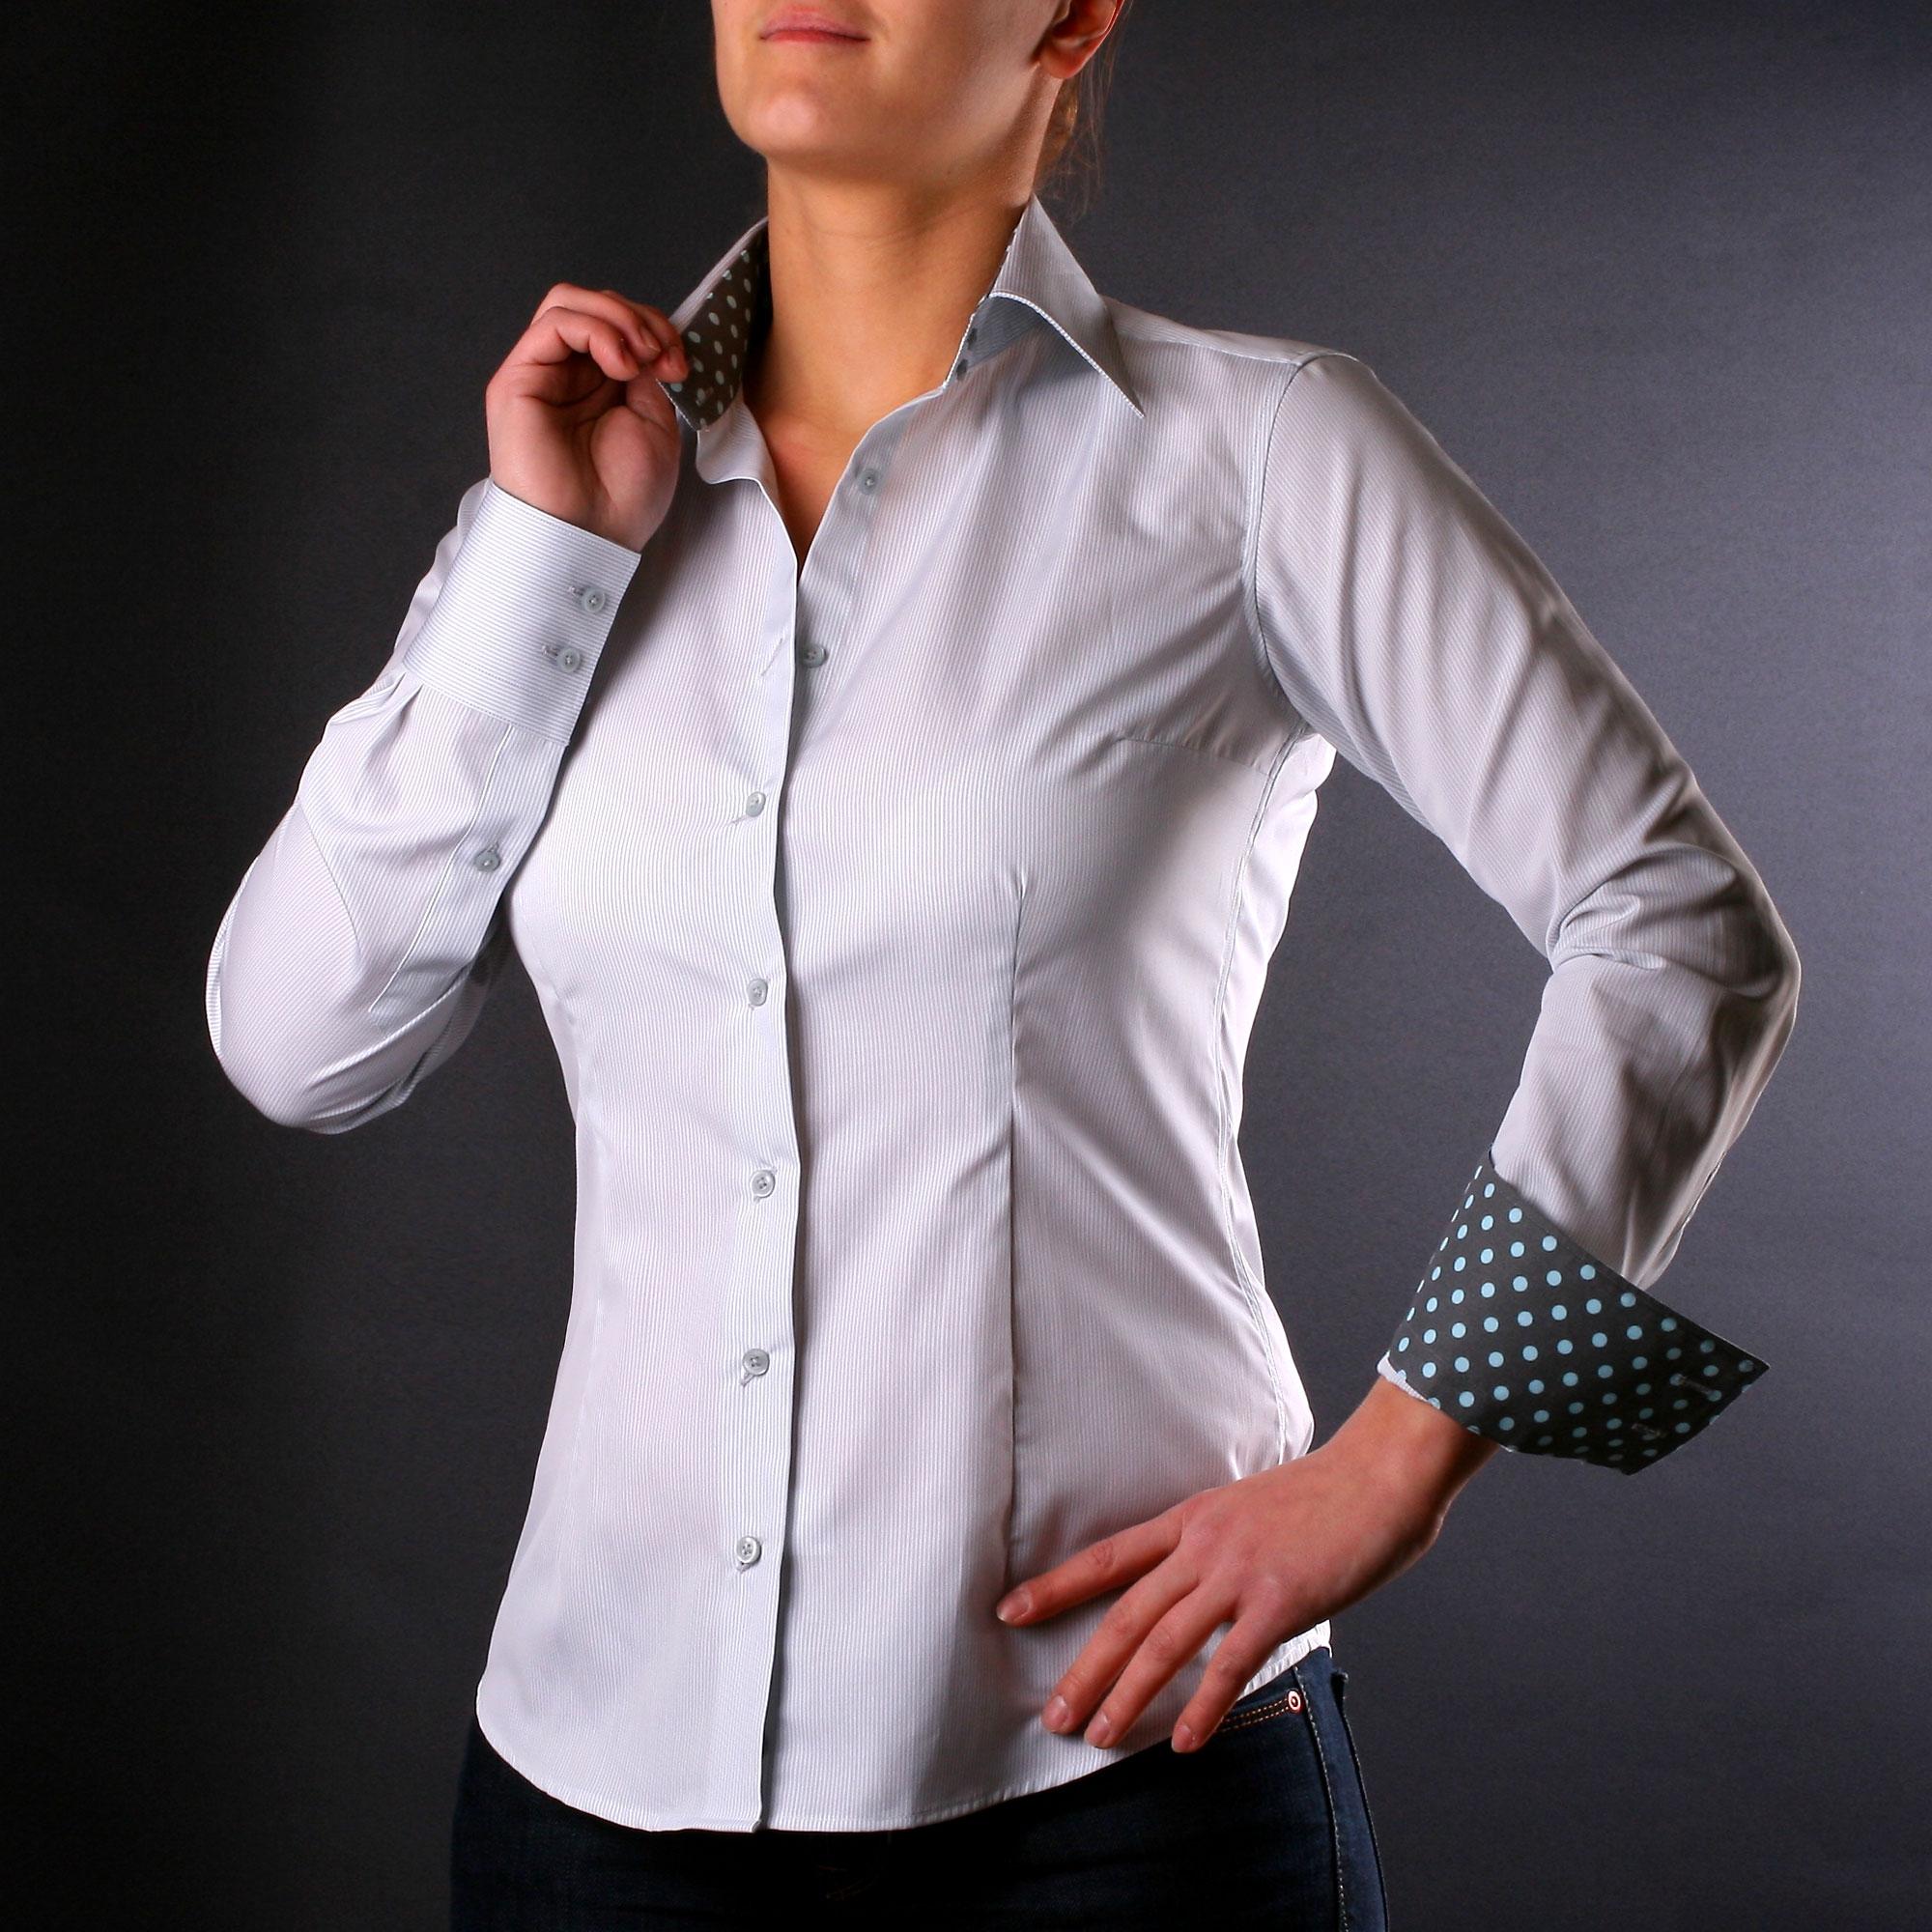 graue und wei e streifen bluse mit blauen und grauen. Black Bedroom Furniture Sets. Home Design Ideas